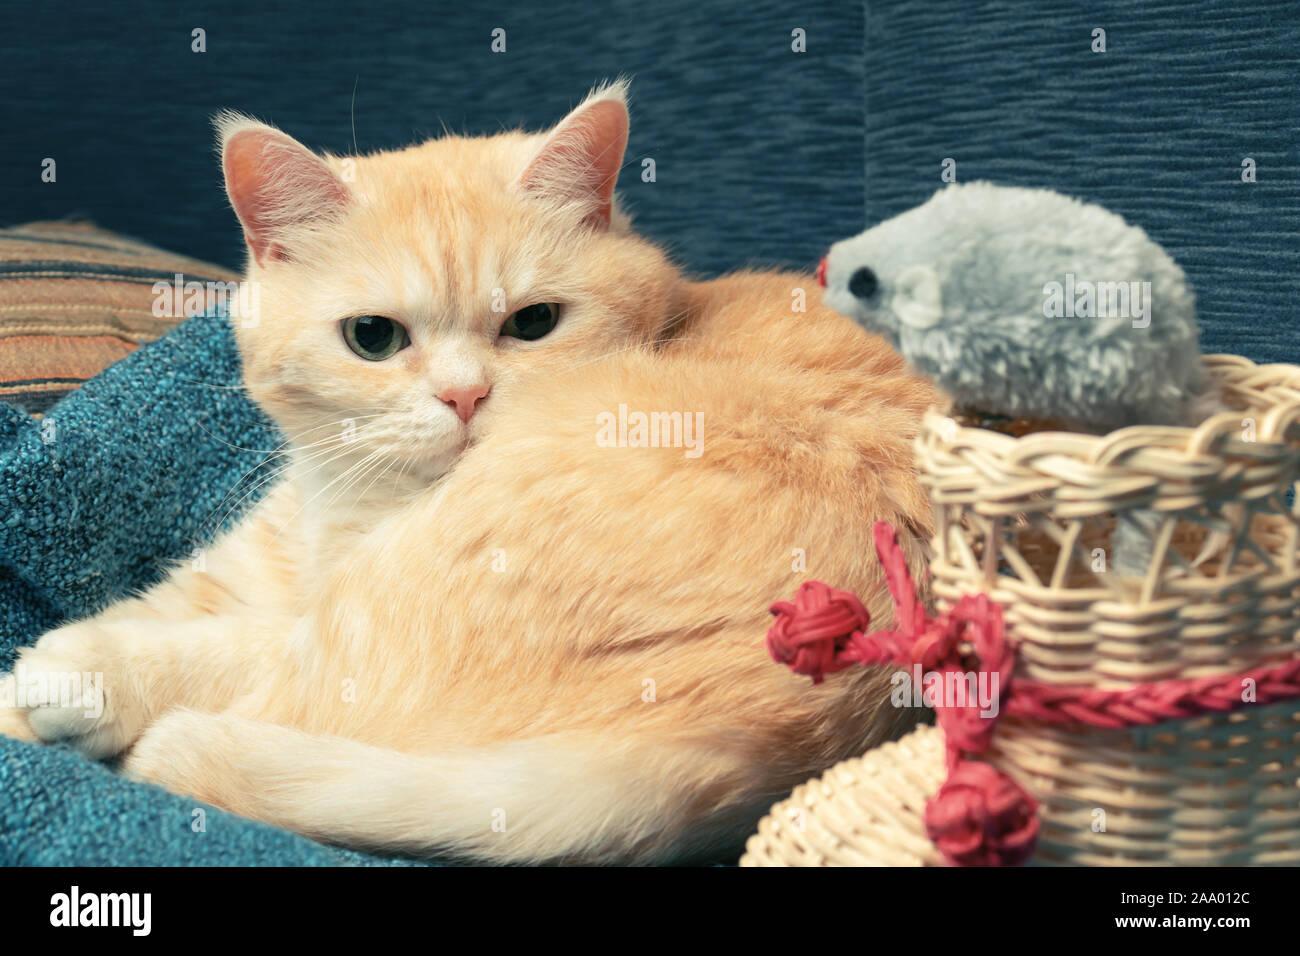 Crème mignon chat tigré se trouve sur un plaid bleu à côté d'une botte d'osier et d'un jouet souris. Banque D'Images